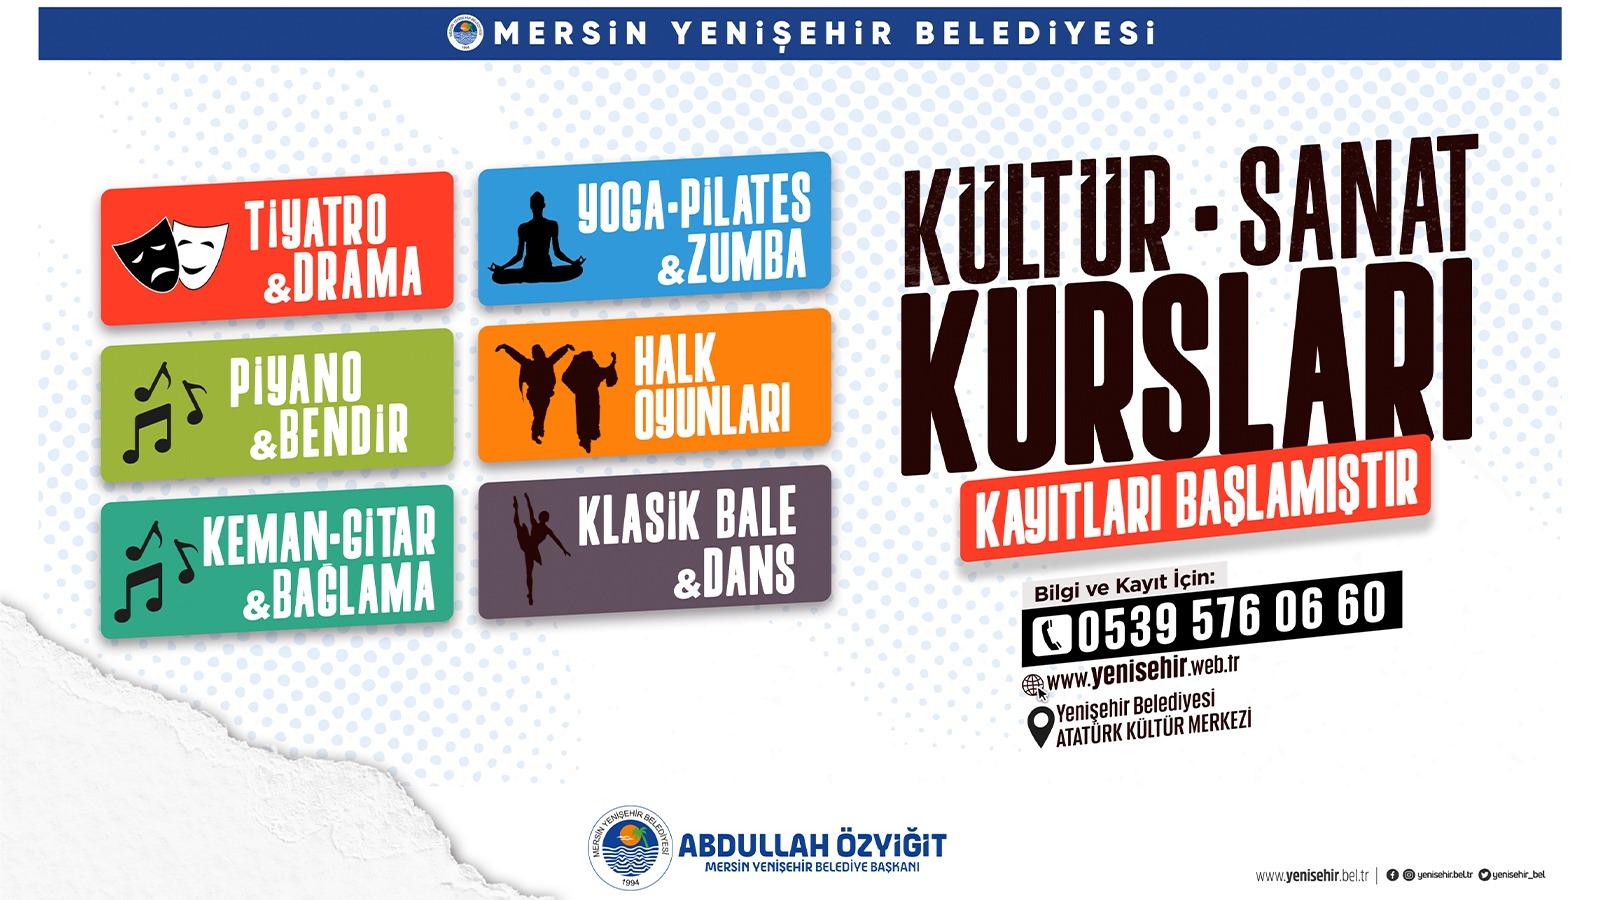 Yenişehir Belediyesi kültür sanat kurslarına kayıtlar başladı